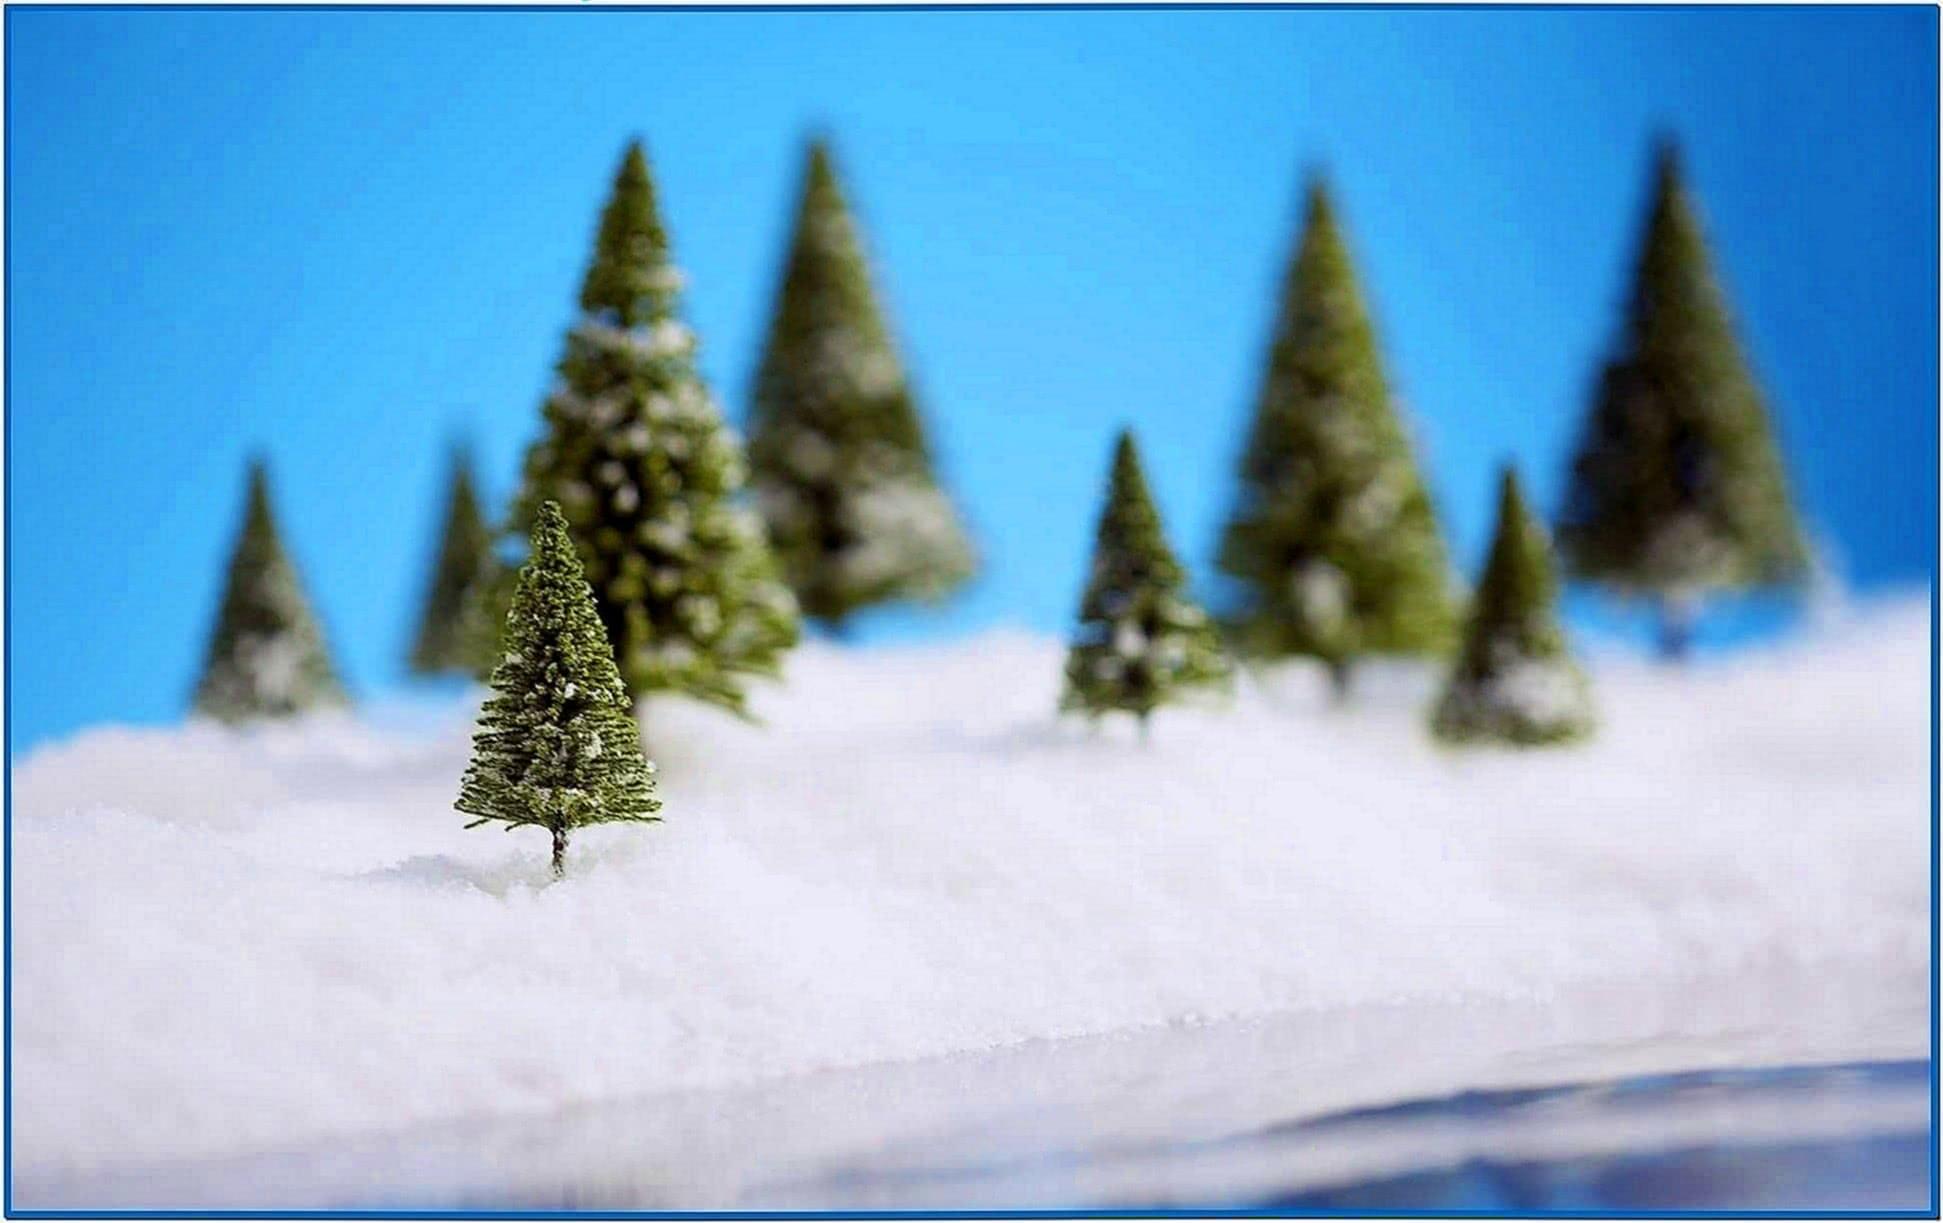 Christmas snow scenes screensavers snow